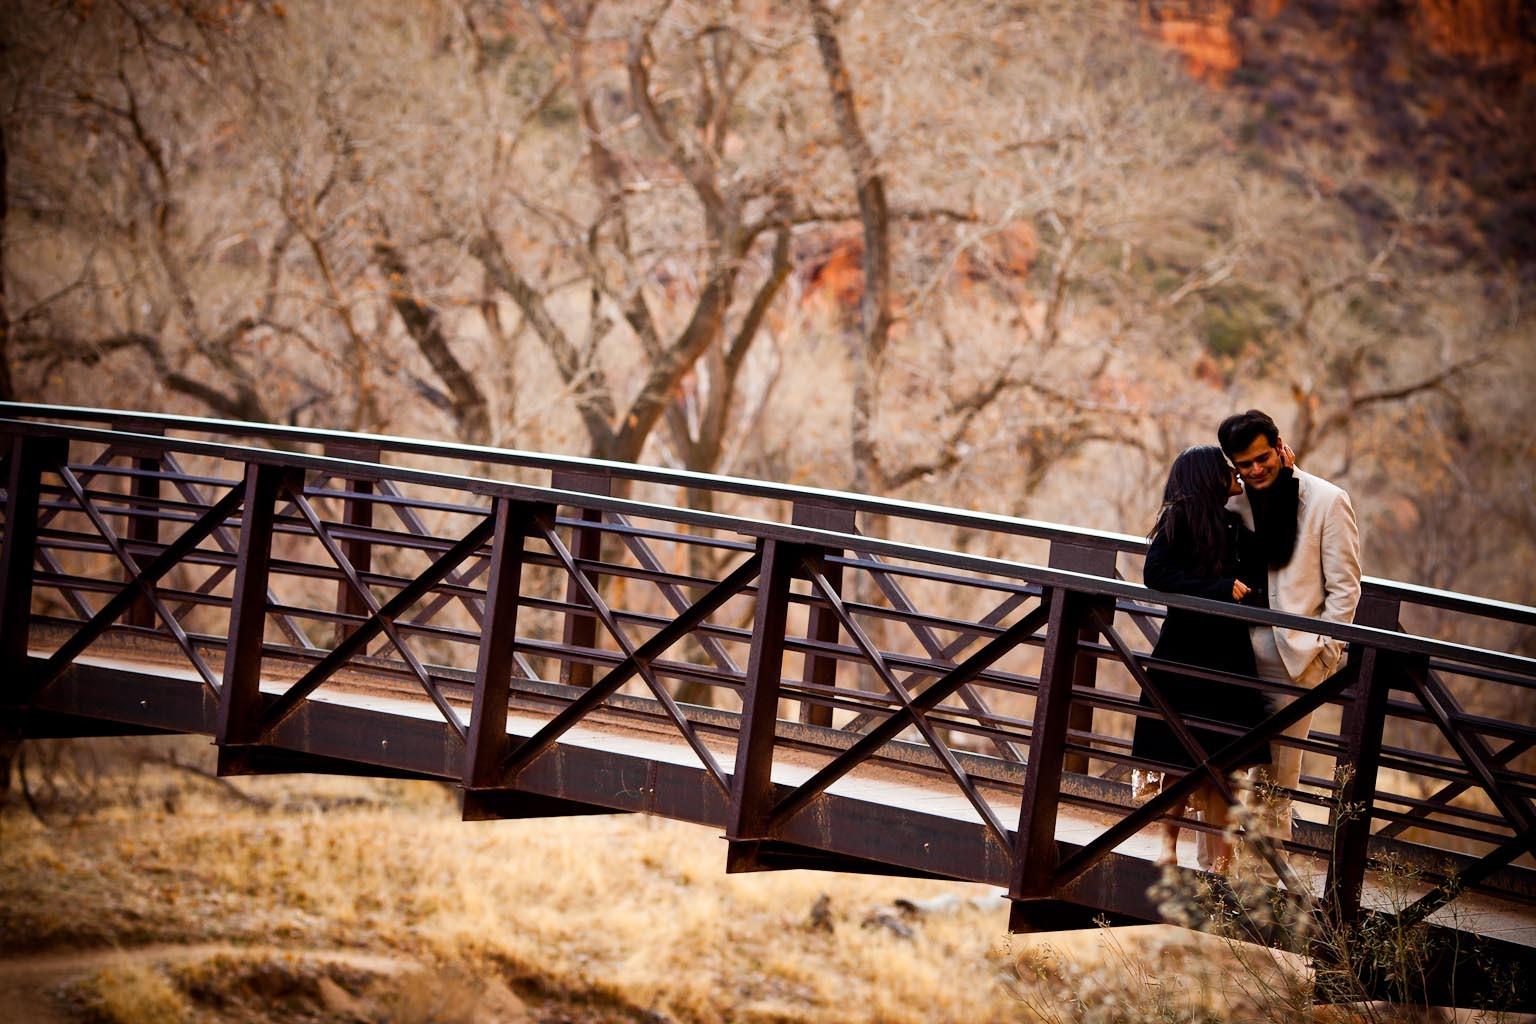 Utah Zion National Park Bridge - Engagement Session - Chhavi Saurabh - Rahul Rana